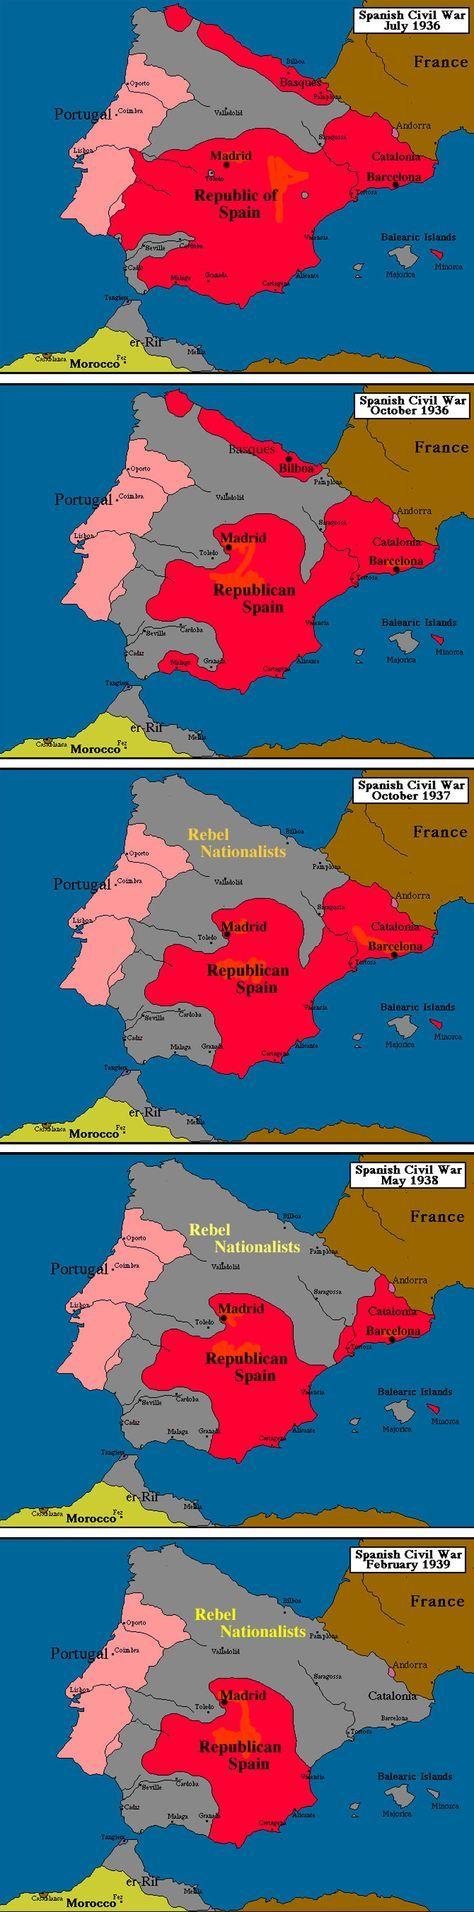 Évolution des territoires pendant la Guerre d'Espagne